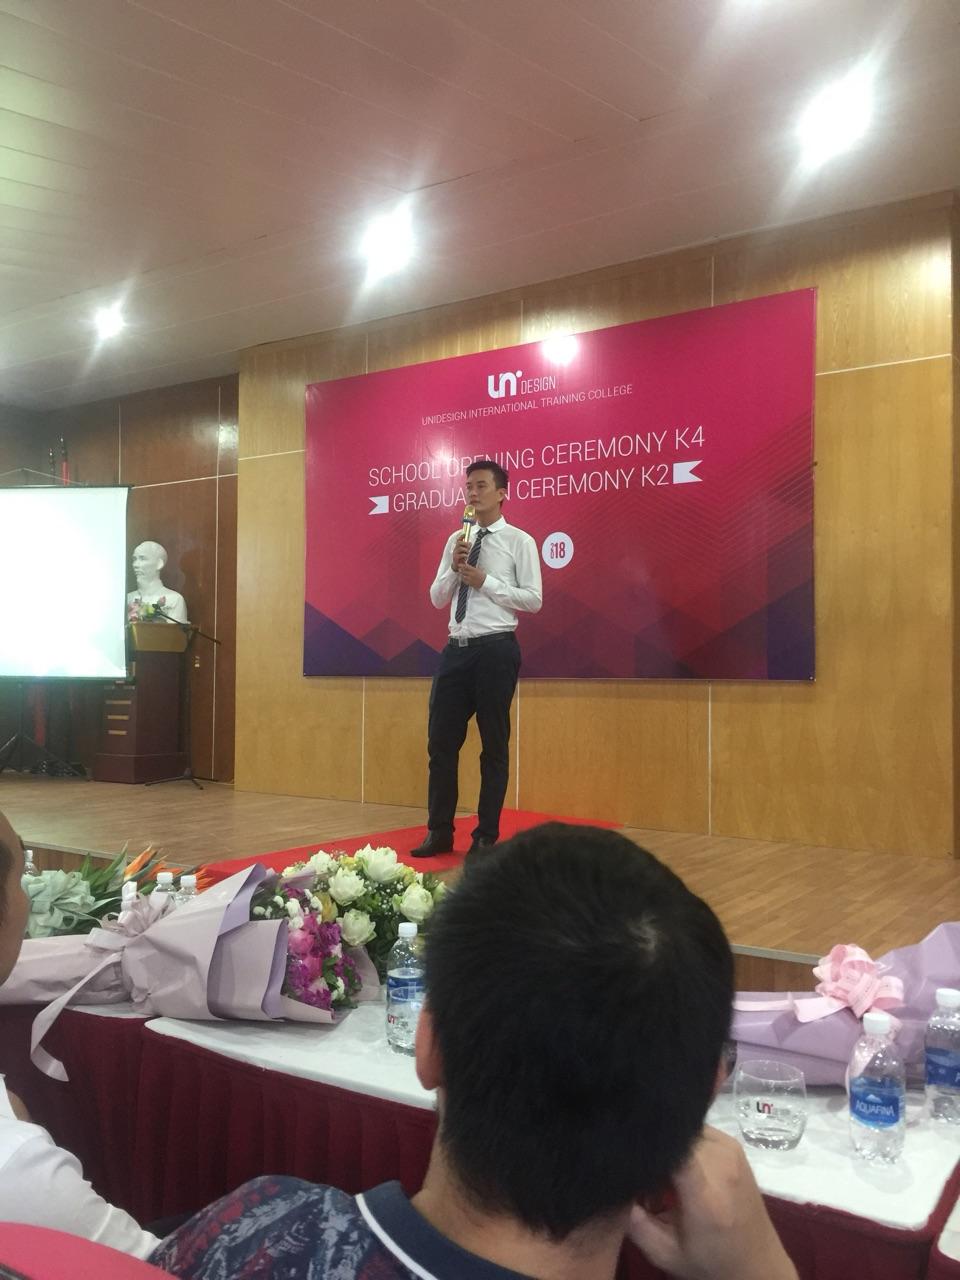 Jobnow đồng hành cùng Lễ khai giảng Unidesign